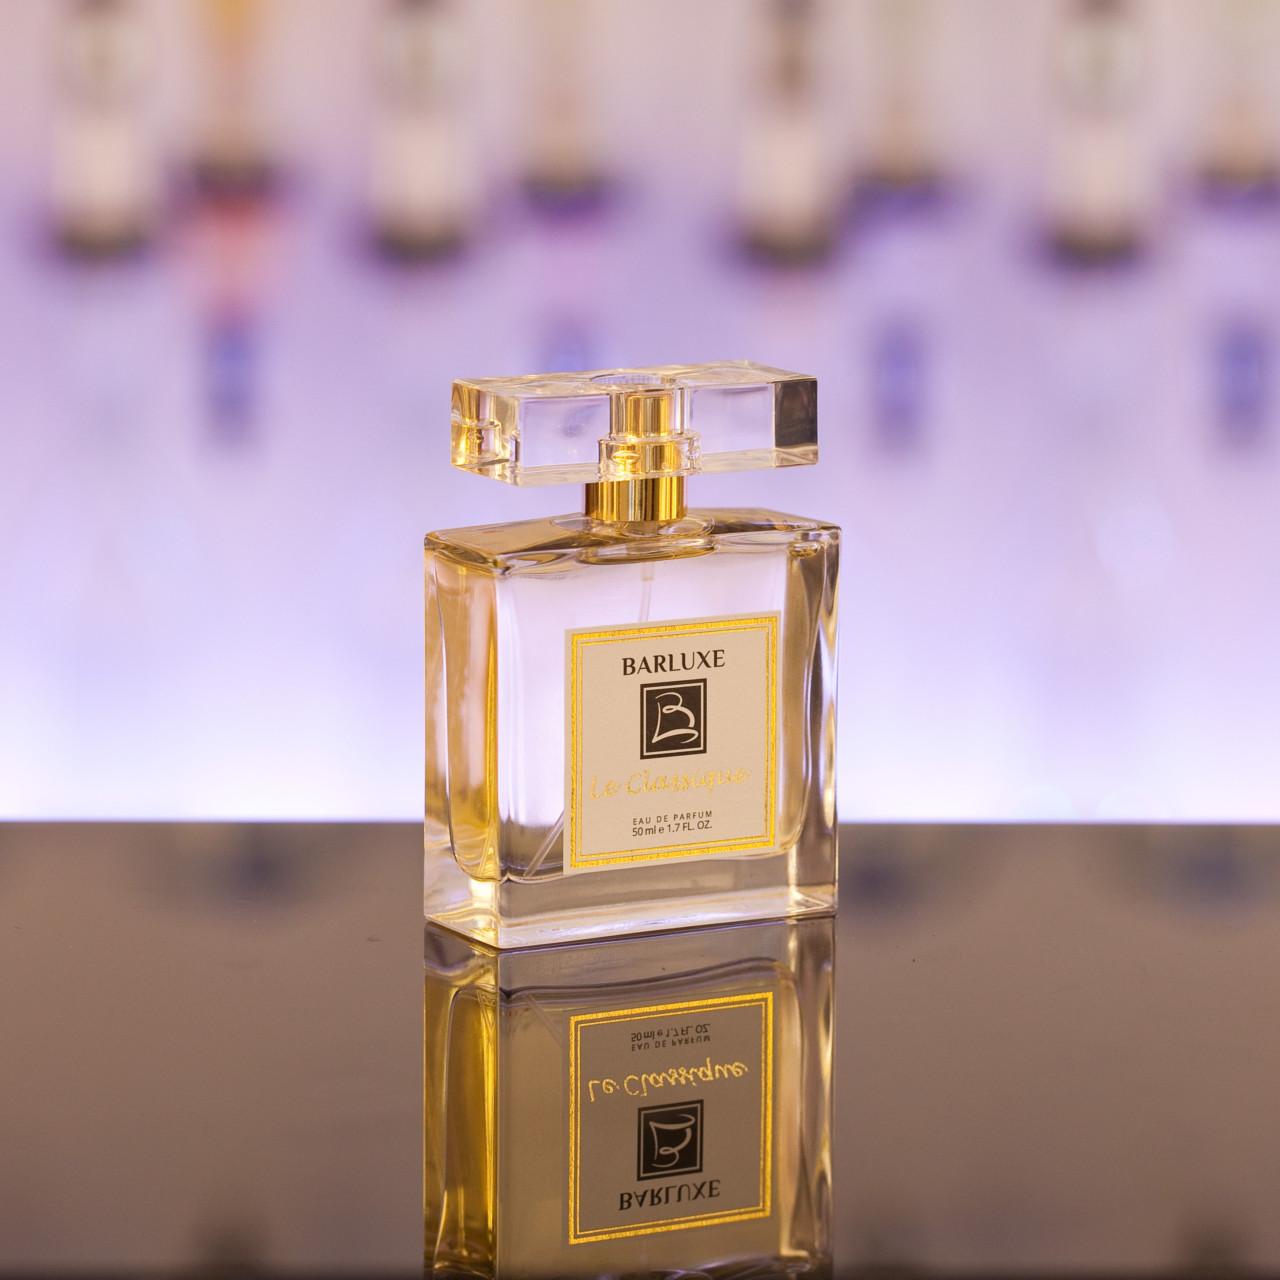 damen-parfum-dupe-double-duft-duftzwilling-le-classique-2